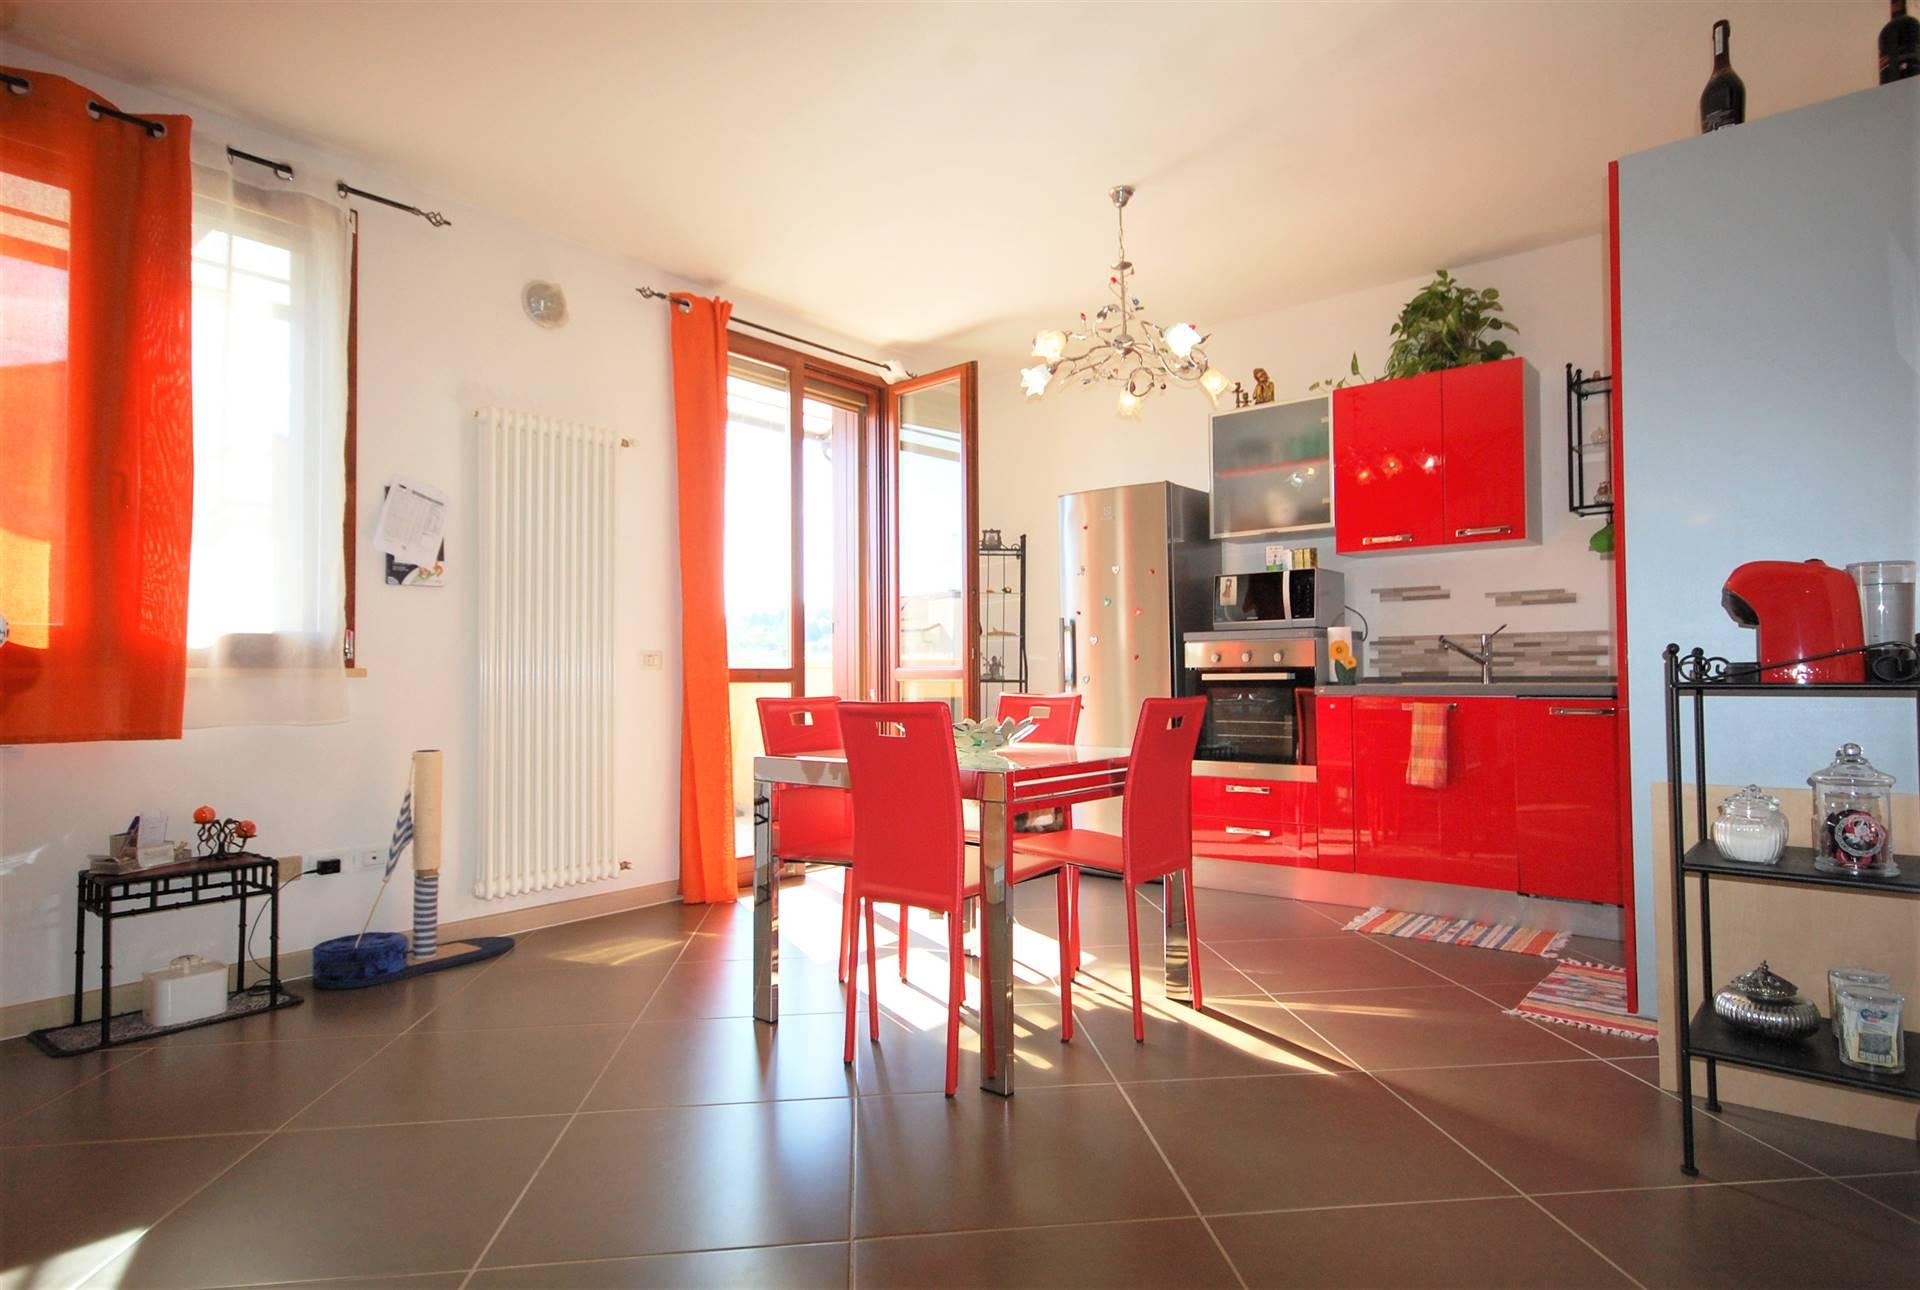 Appartamento in vendita a Longiano, 5 locali, zona Località: LA CROCETTA, prezzo € 230.000   CambioCasa.it